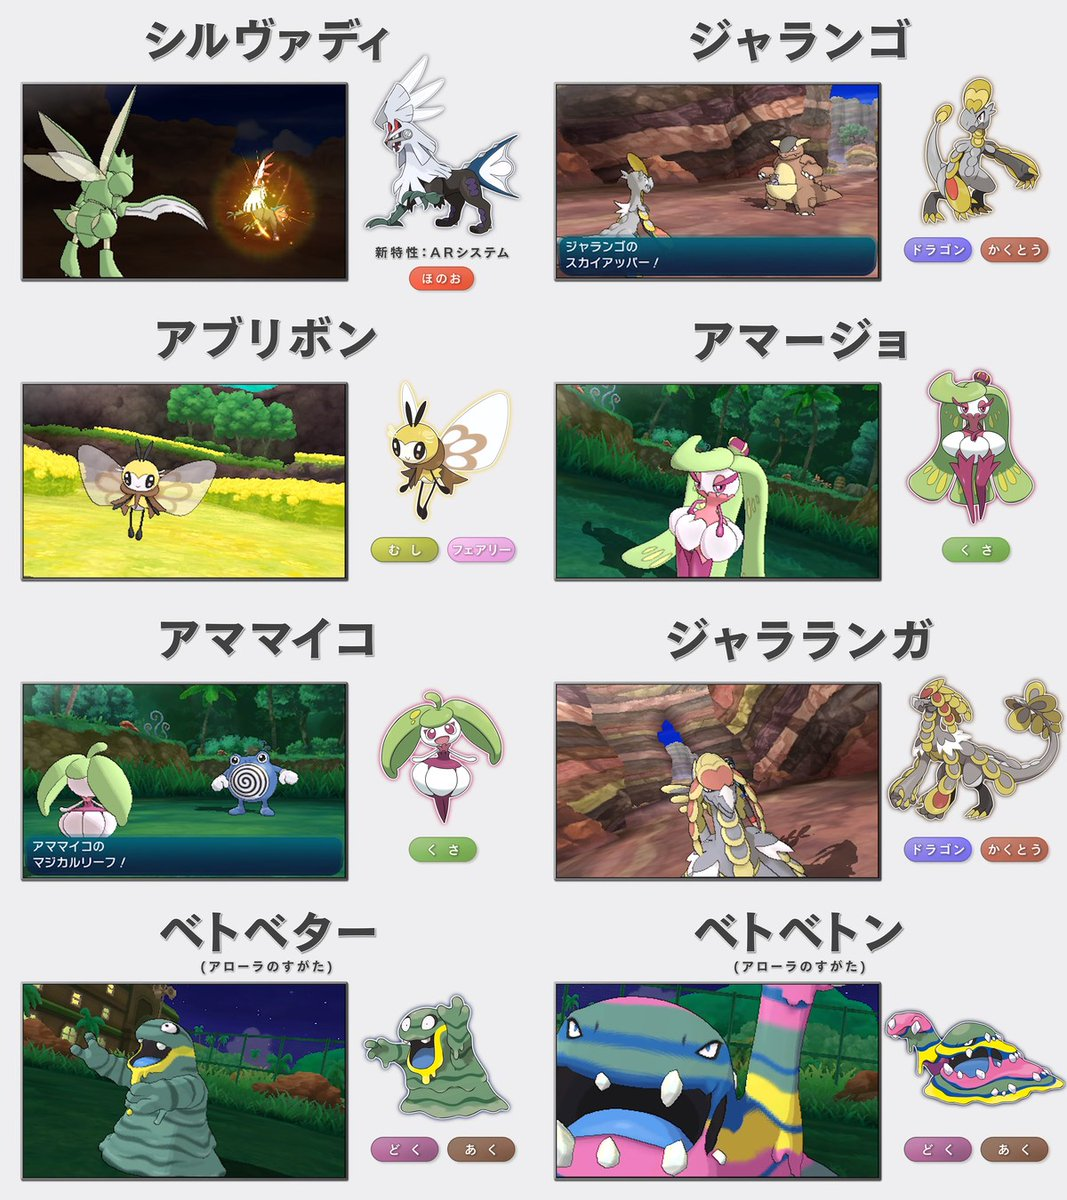 Pokemonas en pelota fotos 67